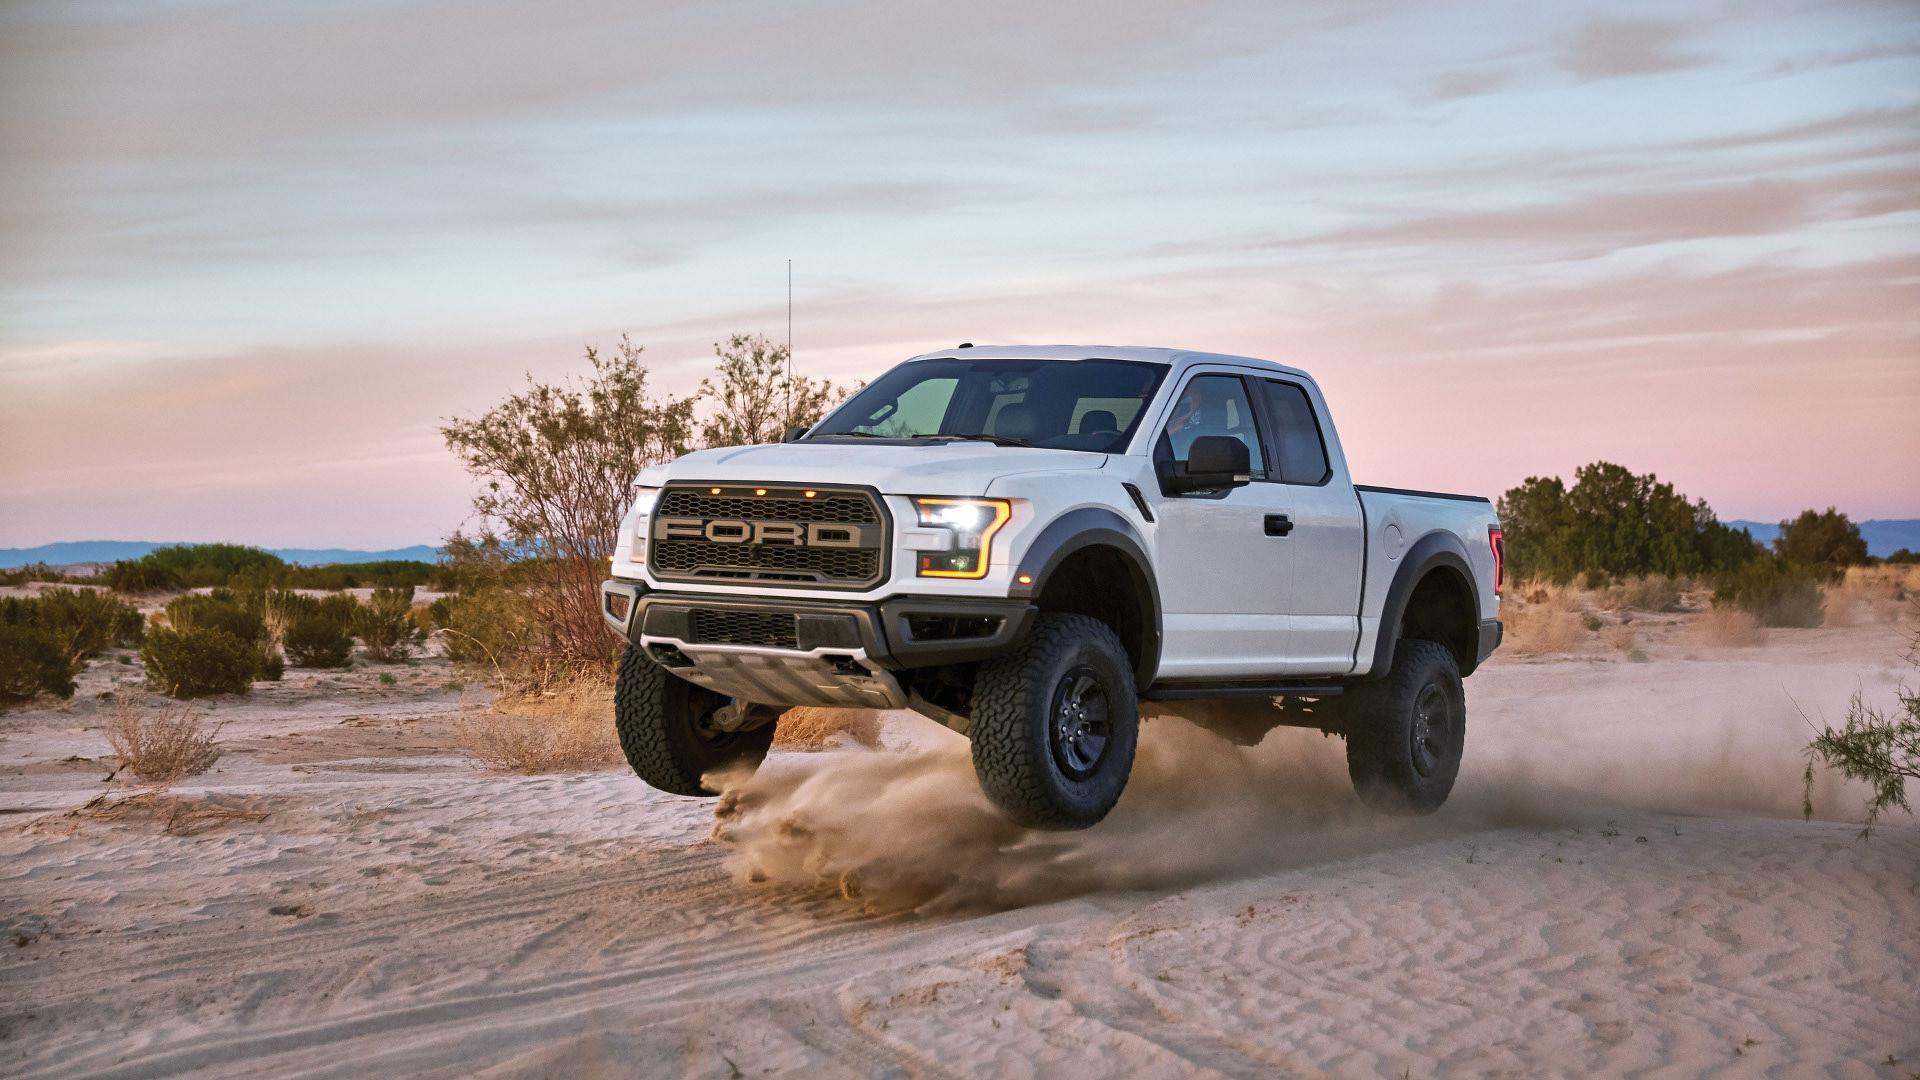 2018 Ford Raptor Wallpaper 70 Images